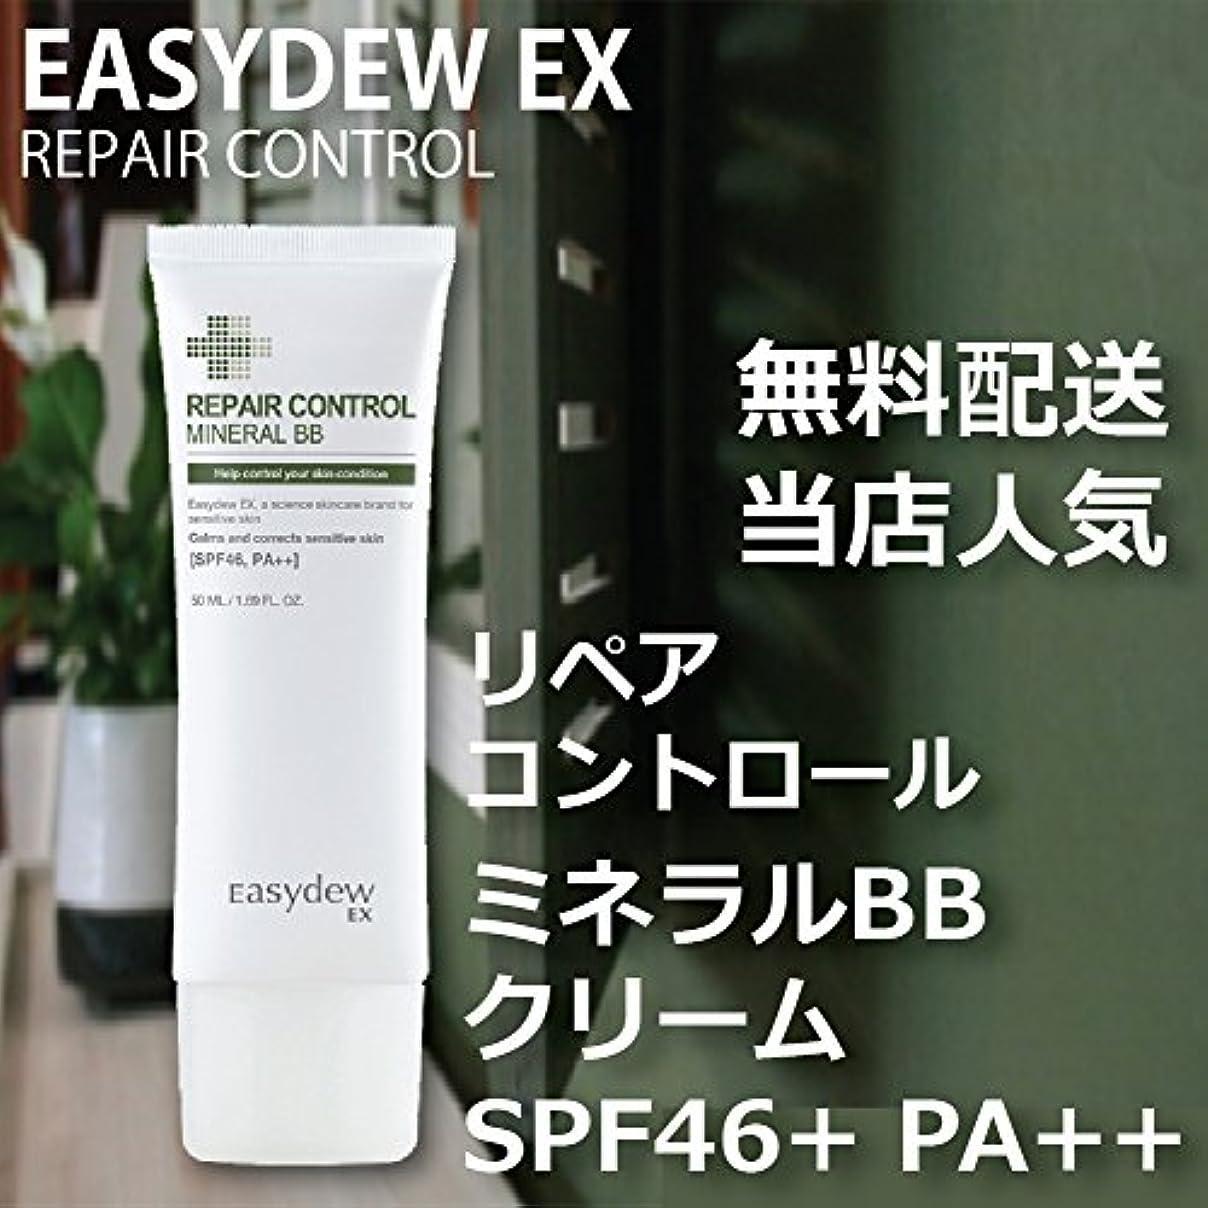 穿孔するもし静的EASY DEW EX ミネラル BBクリーム SPF46+ PA++ 50ml MINRAL BB CREAM 韓国 人気 コスメ イージーデュー 敏感 乾燥 美白 しわ 3重機能性